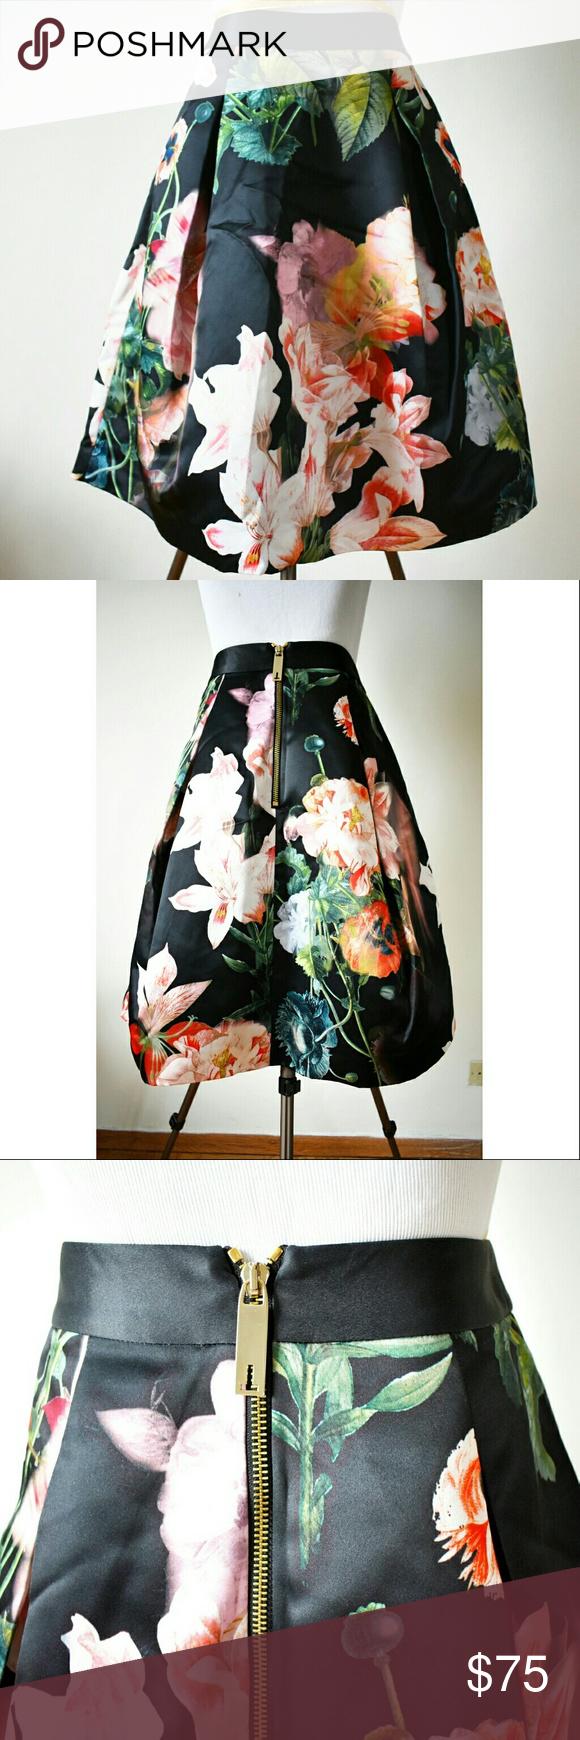 Ted Baker Midi Skirt Full midi skirt with floral print and gold zipper Ted Baker London Skirts Midi